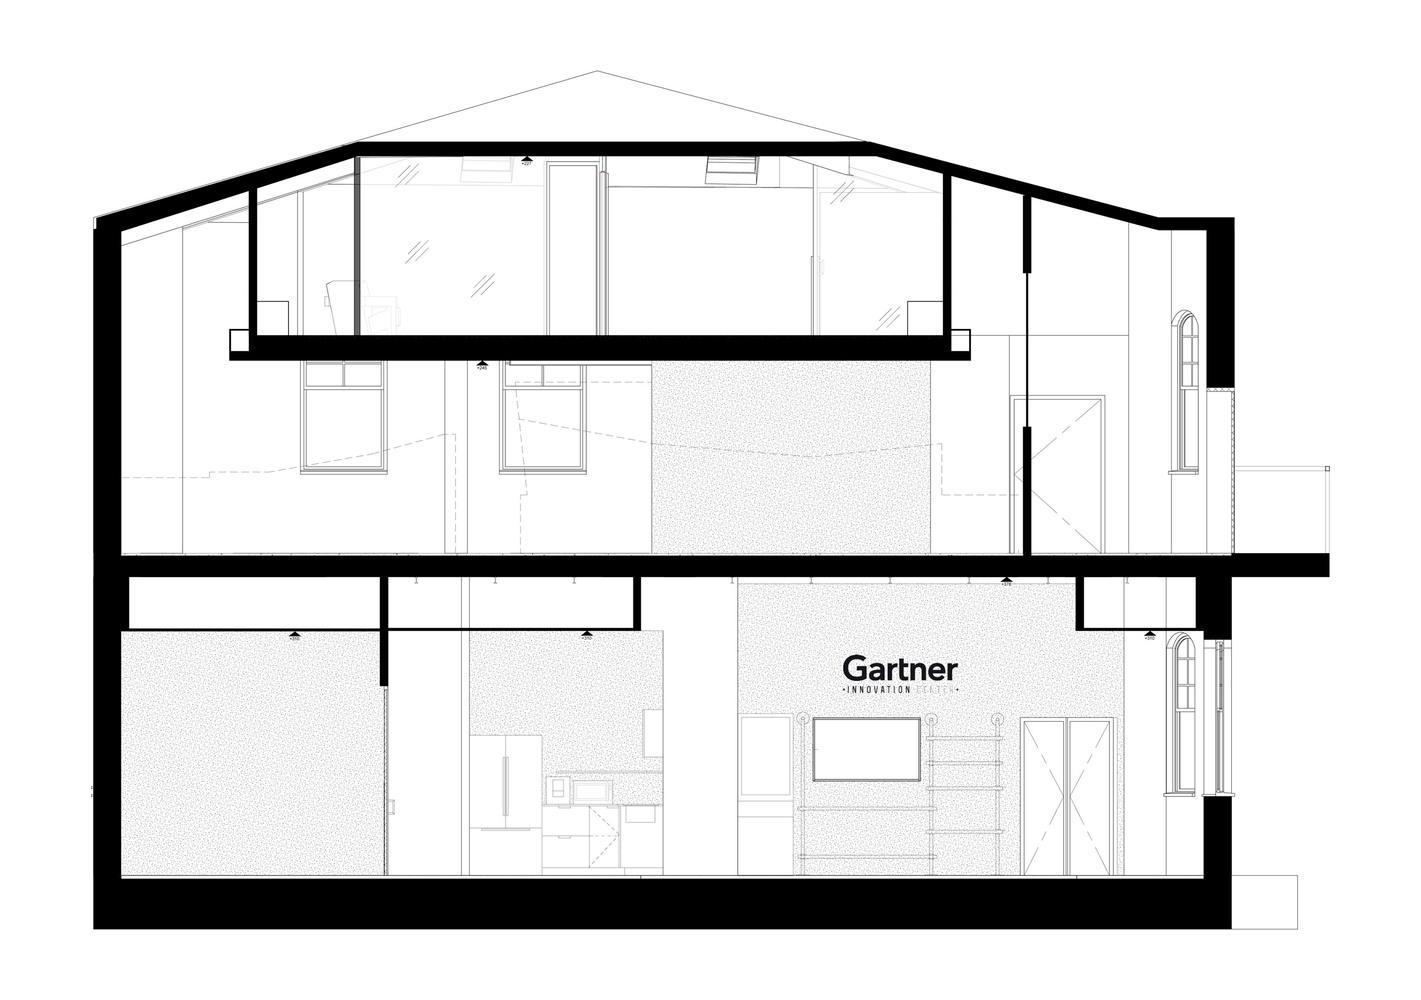 C:UsersxDesktopnogahgartnerrevGARTNER-for graphics- nogah